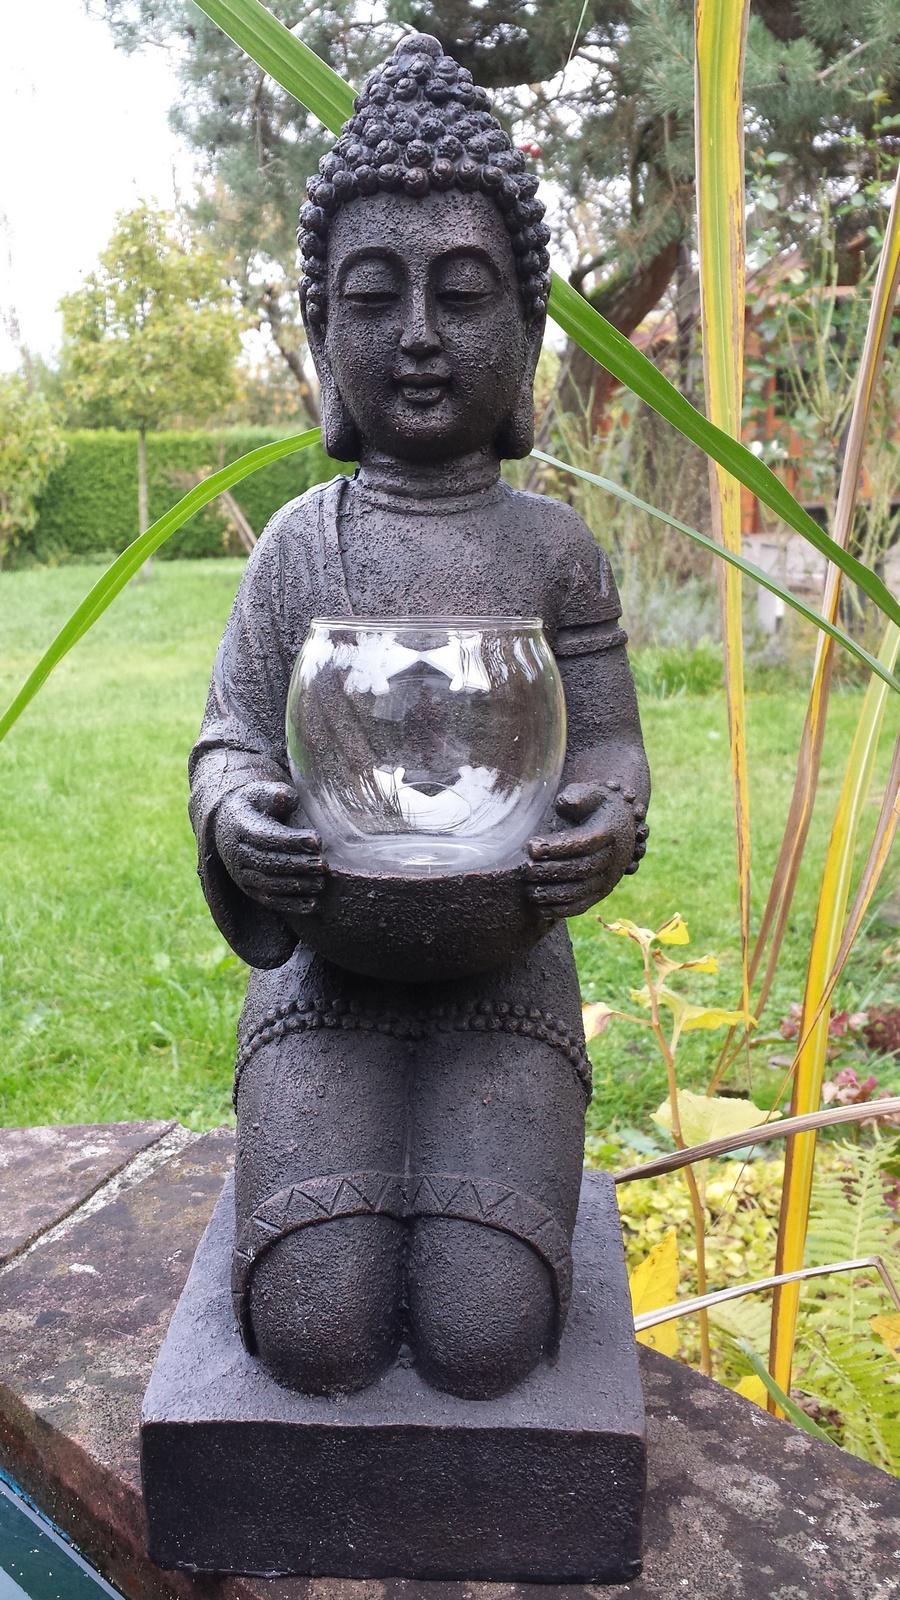 Windlicht figur buddha xl teelichthalter heim garten deko statue skulptur gartenfiguren - Buddha figur garten ...